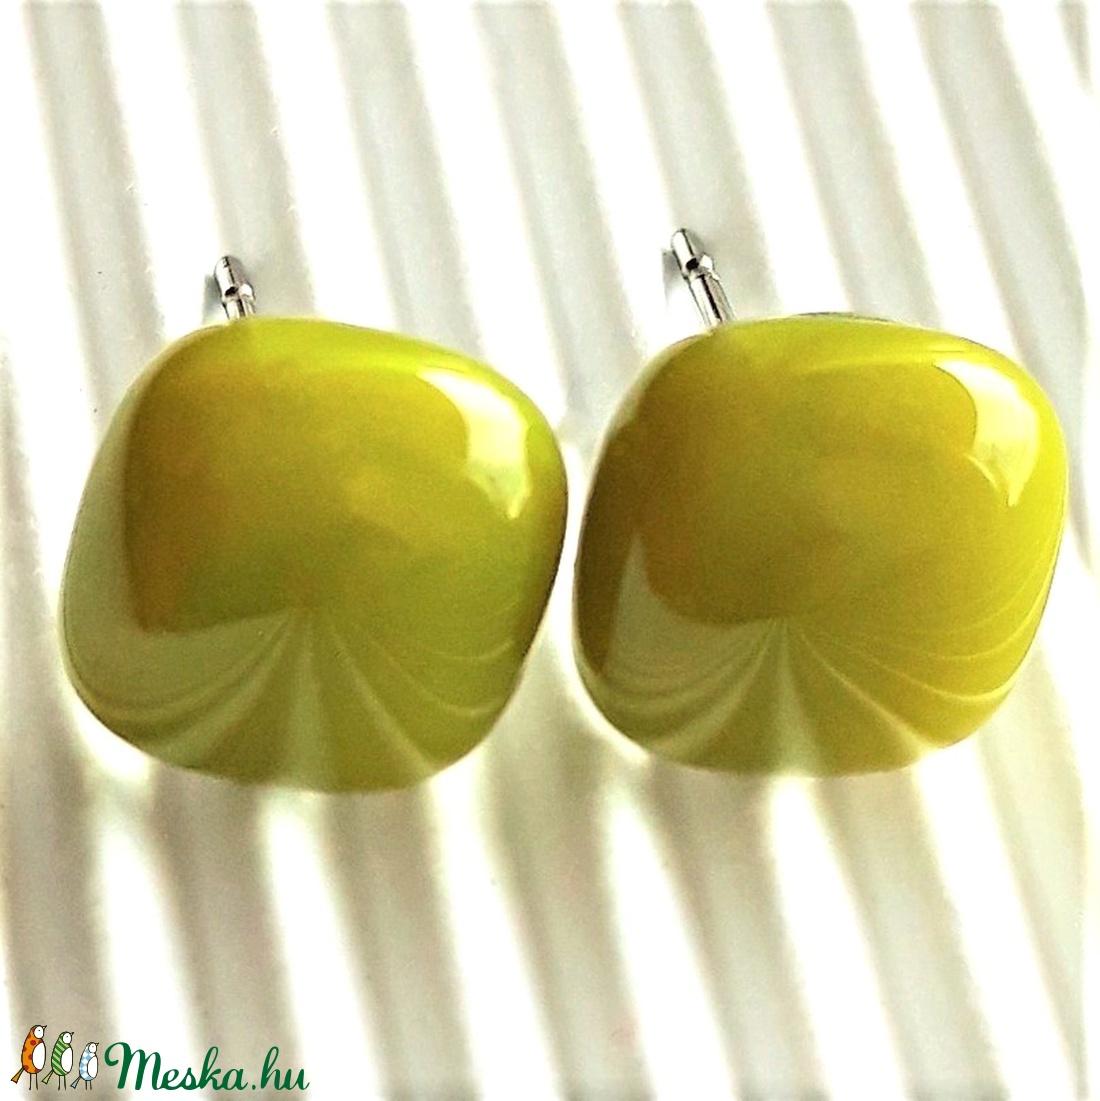 Jade sárgás-zöld üveg kocka fülbevaló orvosi fém alapon, üvegékszer - ékszer - fülbevaló - pötty fülbevaló - Meska.hu